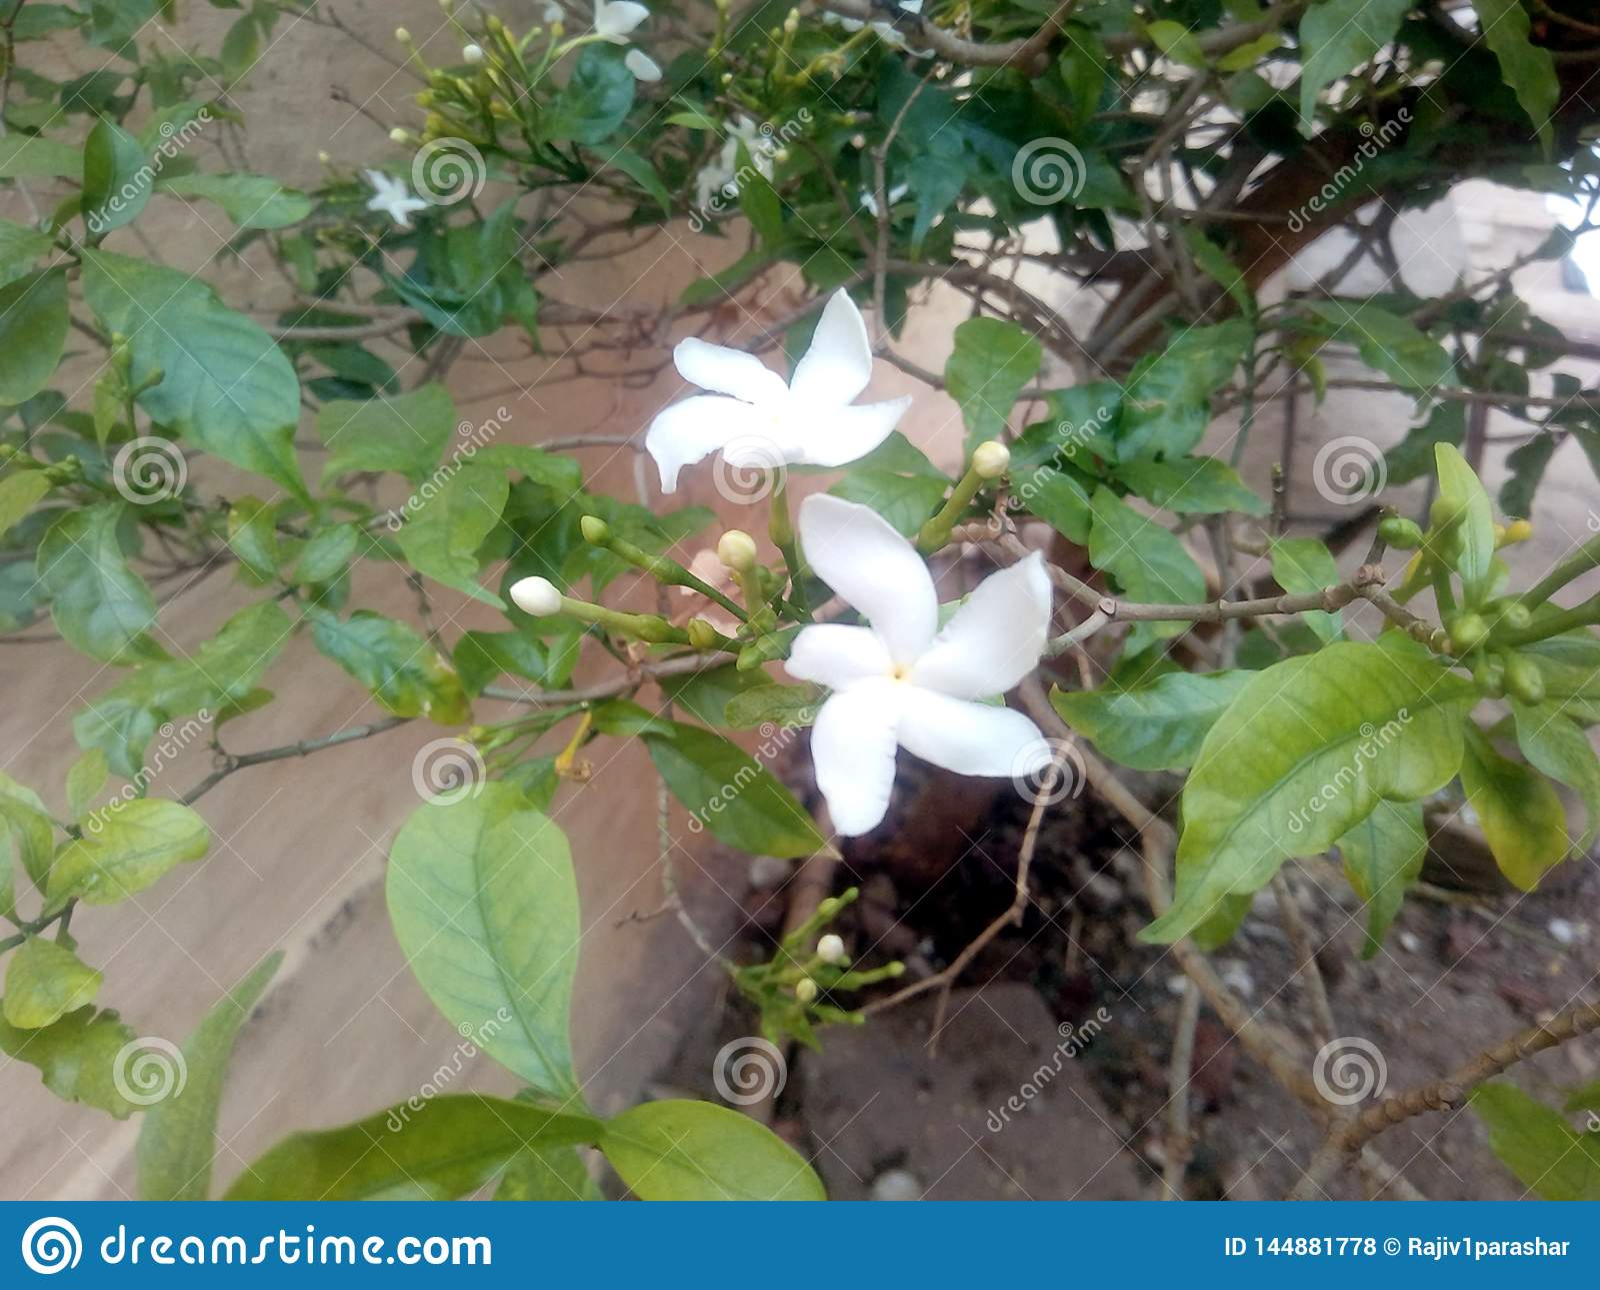 Это изображение белого цветка с зелеными листьями